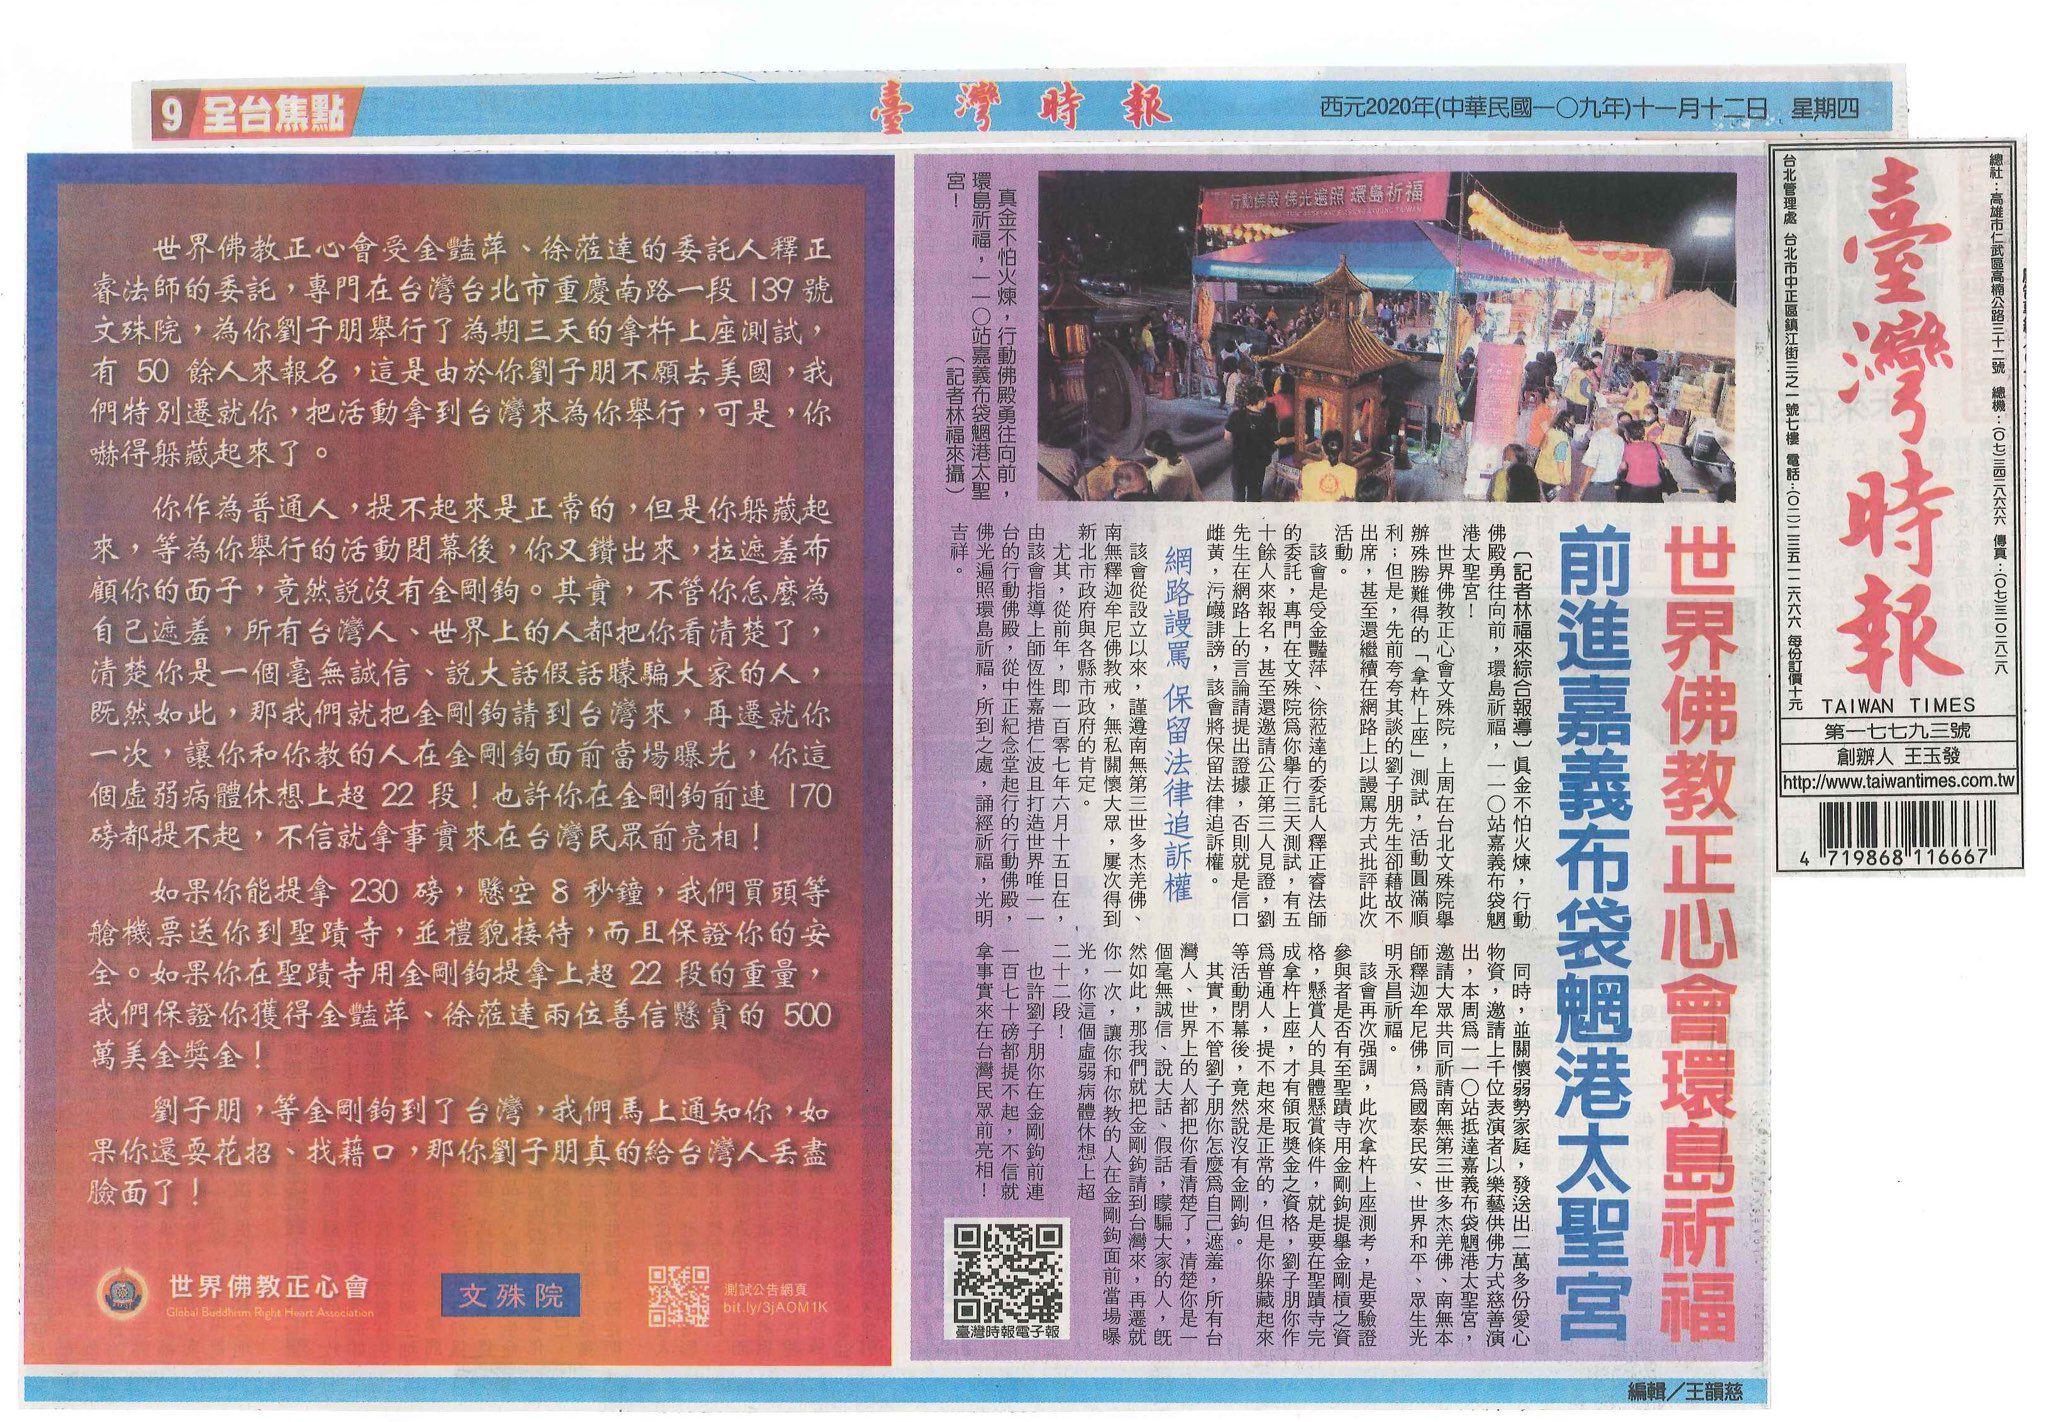 [台灣時報]全台焦點-關於劉子朋網路謾罵,世界佛教正心會保留法律追訴權與新的文告